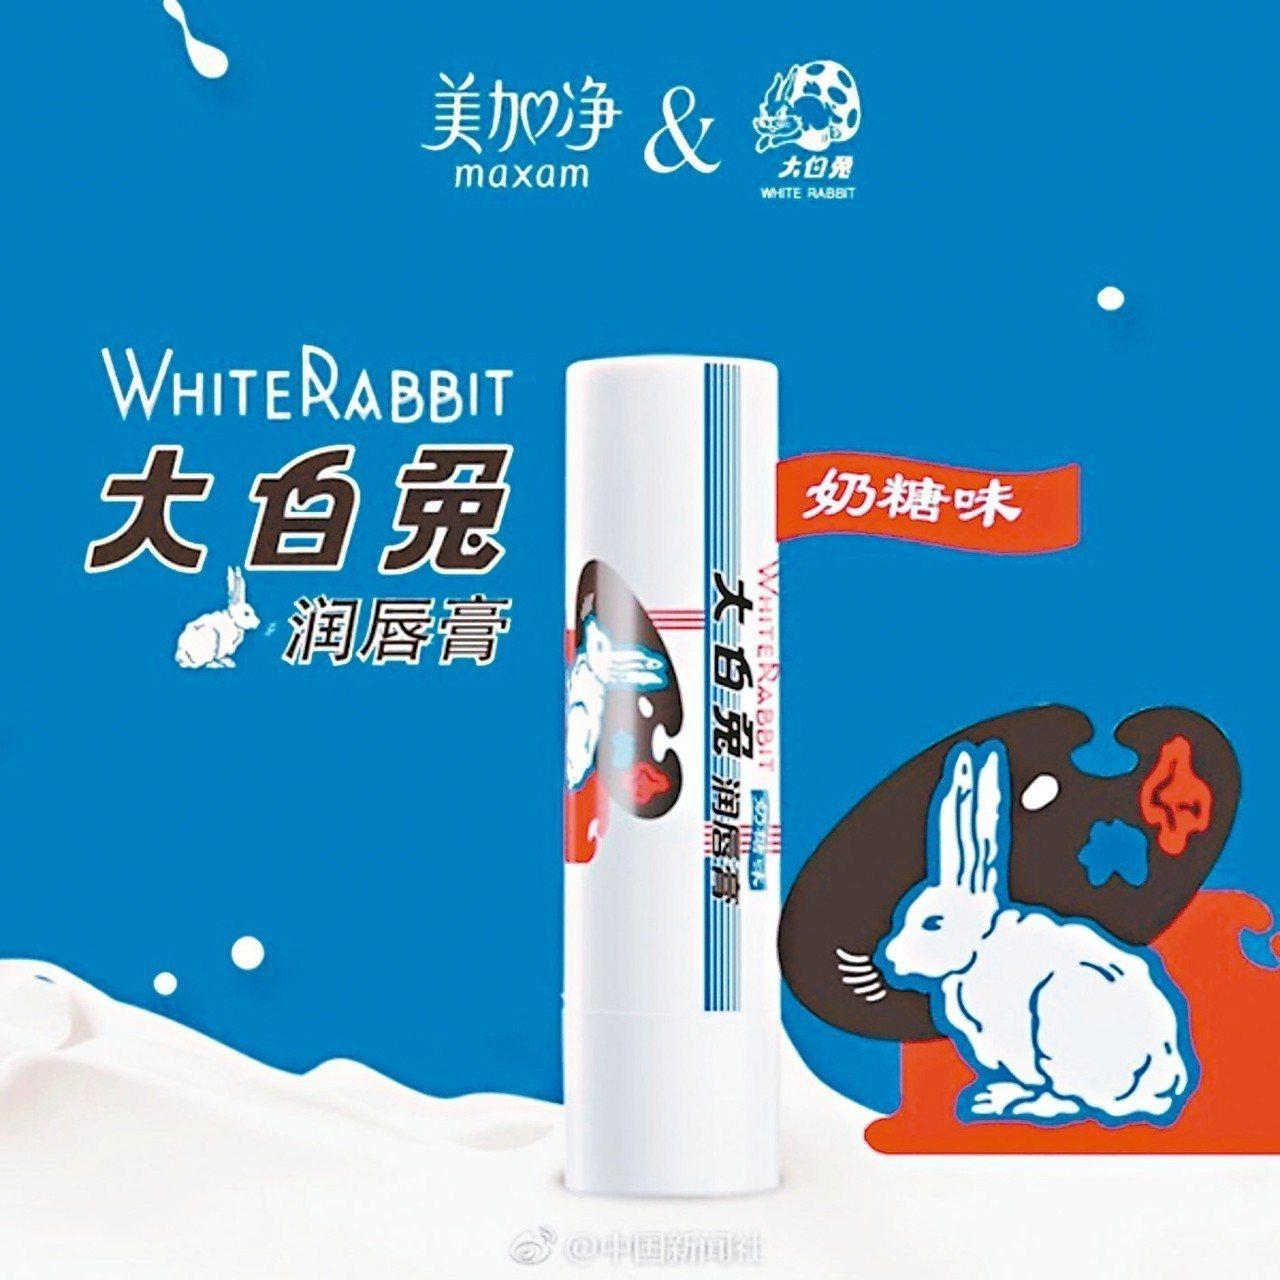 大白兔奶糖潤唇膏在電商首發,第一批920支2分鐘不到即被搶空。 圖/取自網路